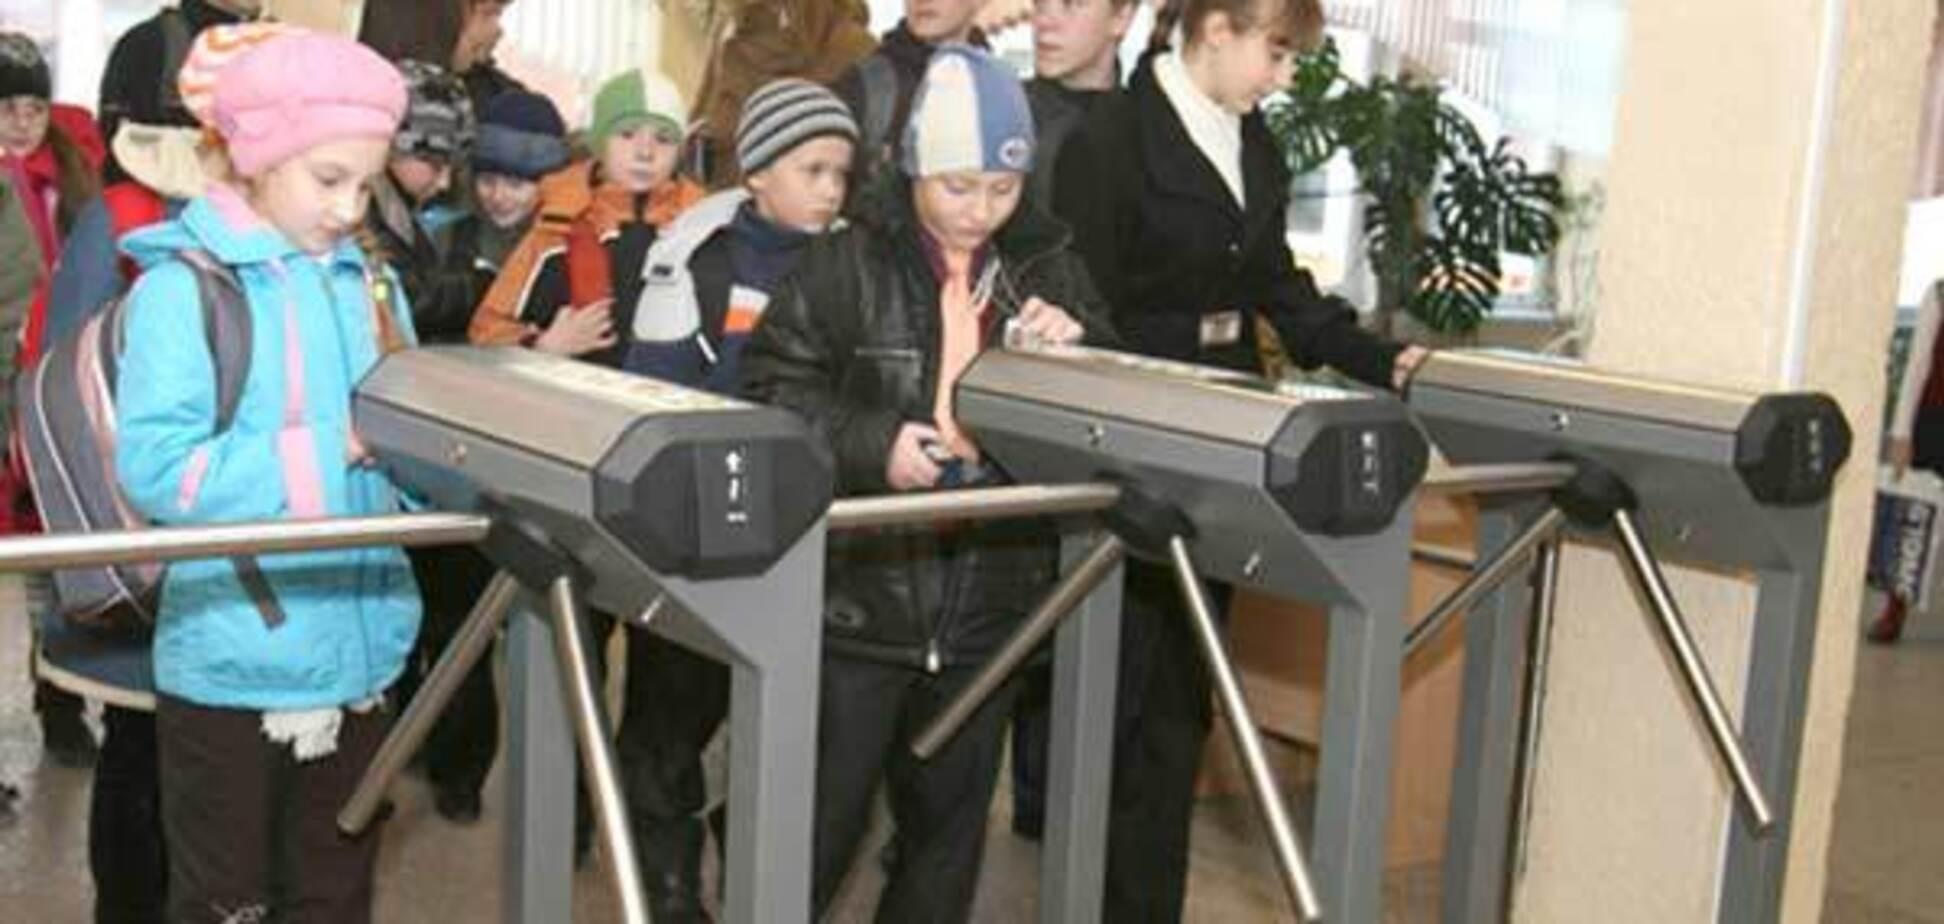 Чтобы Керчь не повторилась: как в Украине охраняют школы